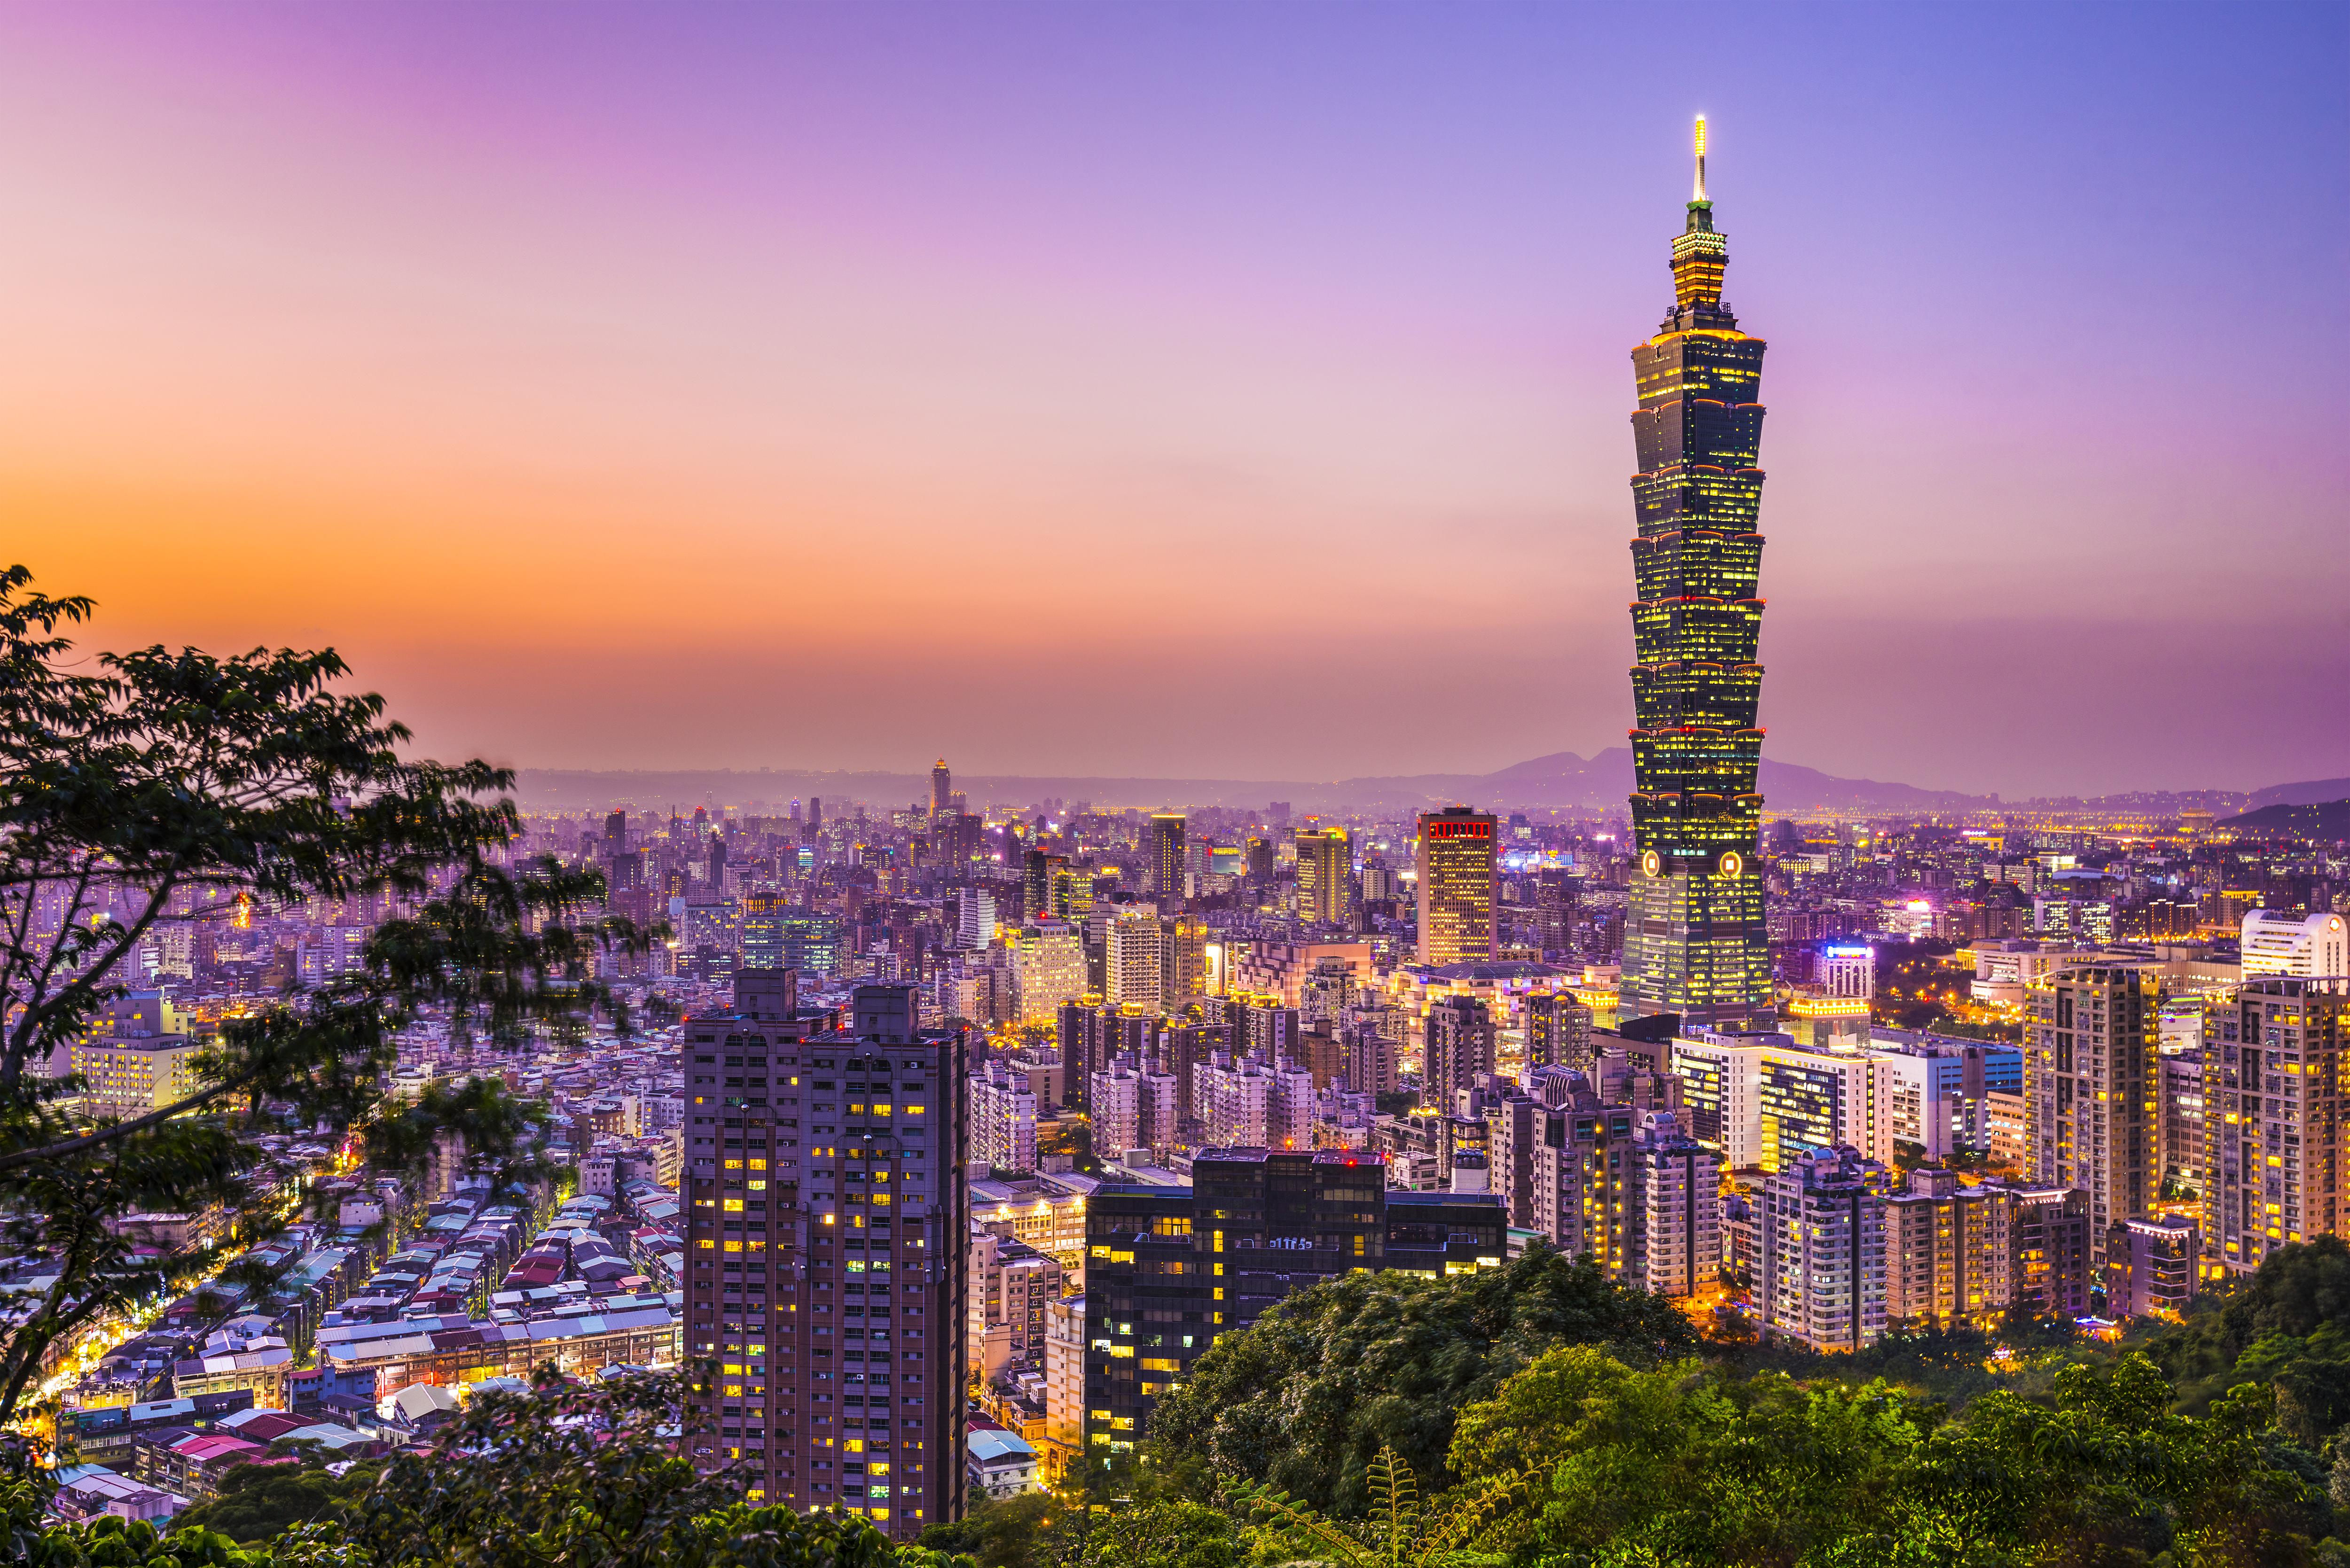 Taipei at dusk